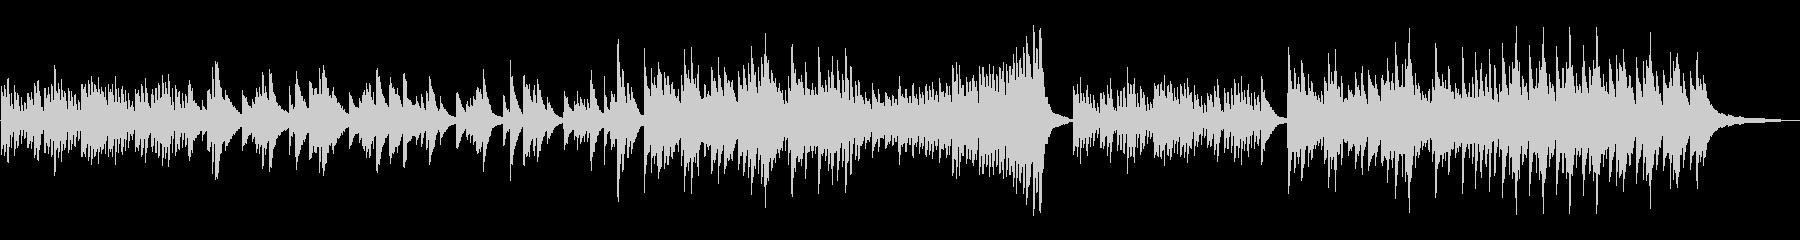 切ないピアノのBGMの未再生の波形